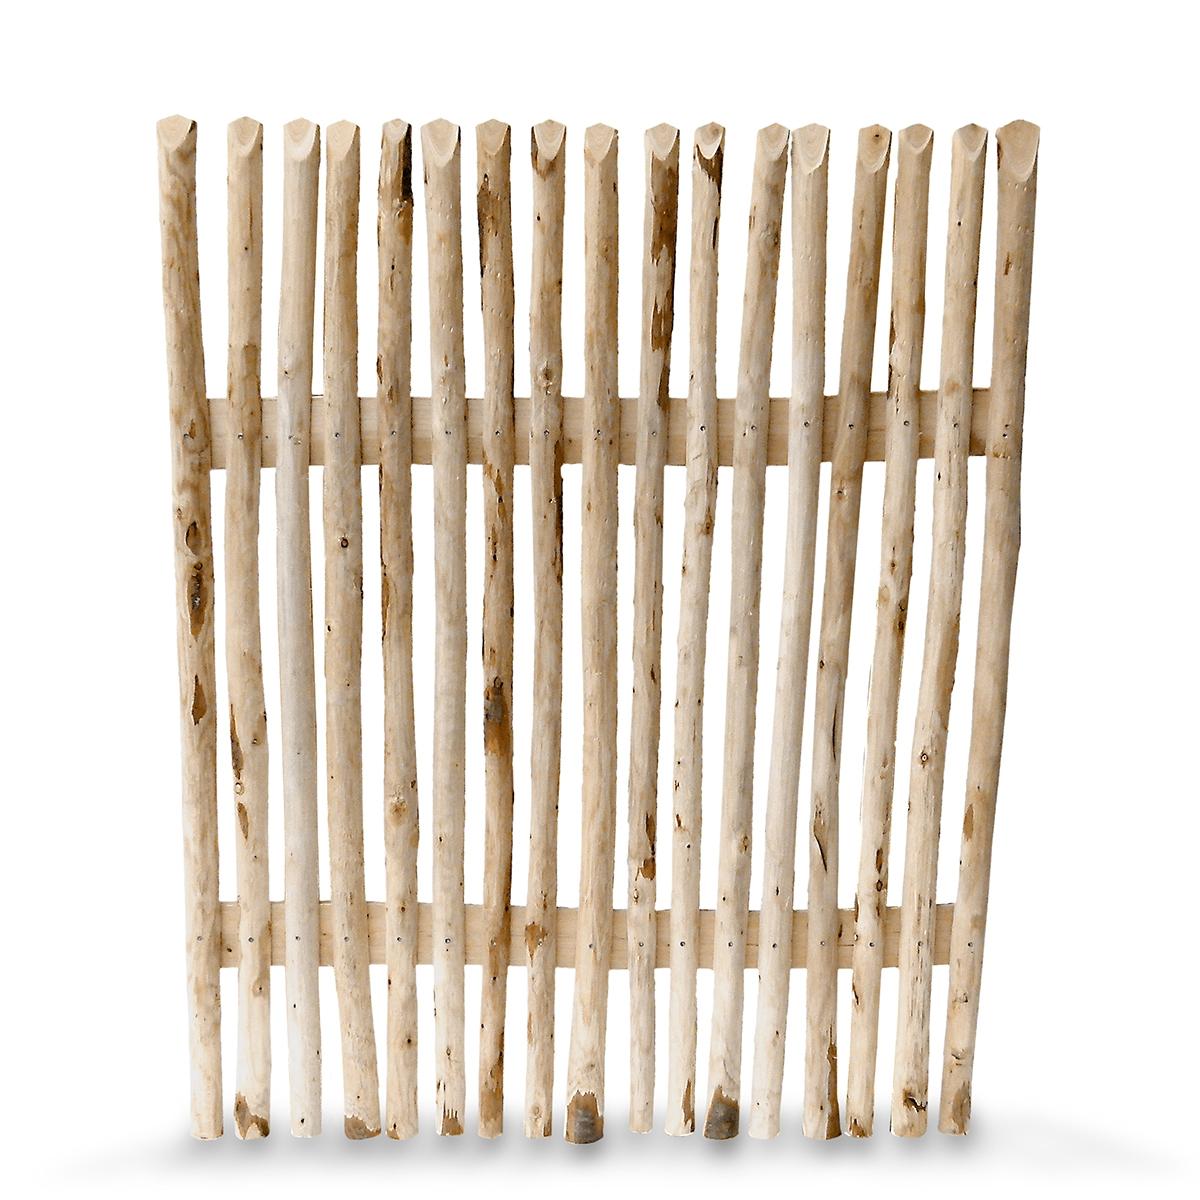 Halbrunde Einzelstaketen aus Kastanienholz, mittig aufgesägt, oben leicht angeschrägt